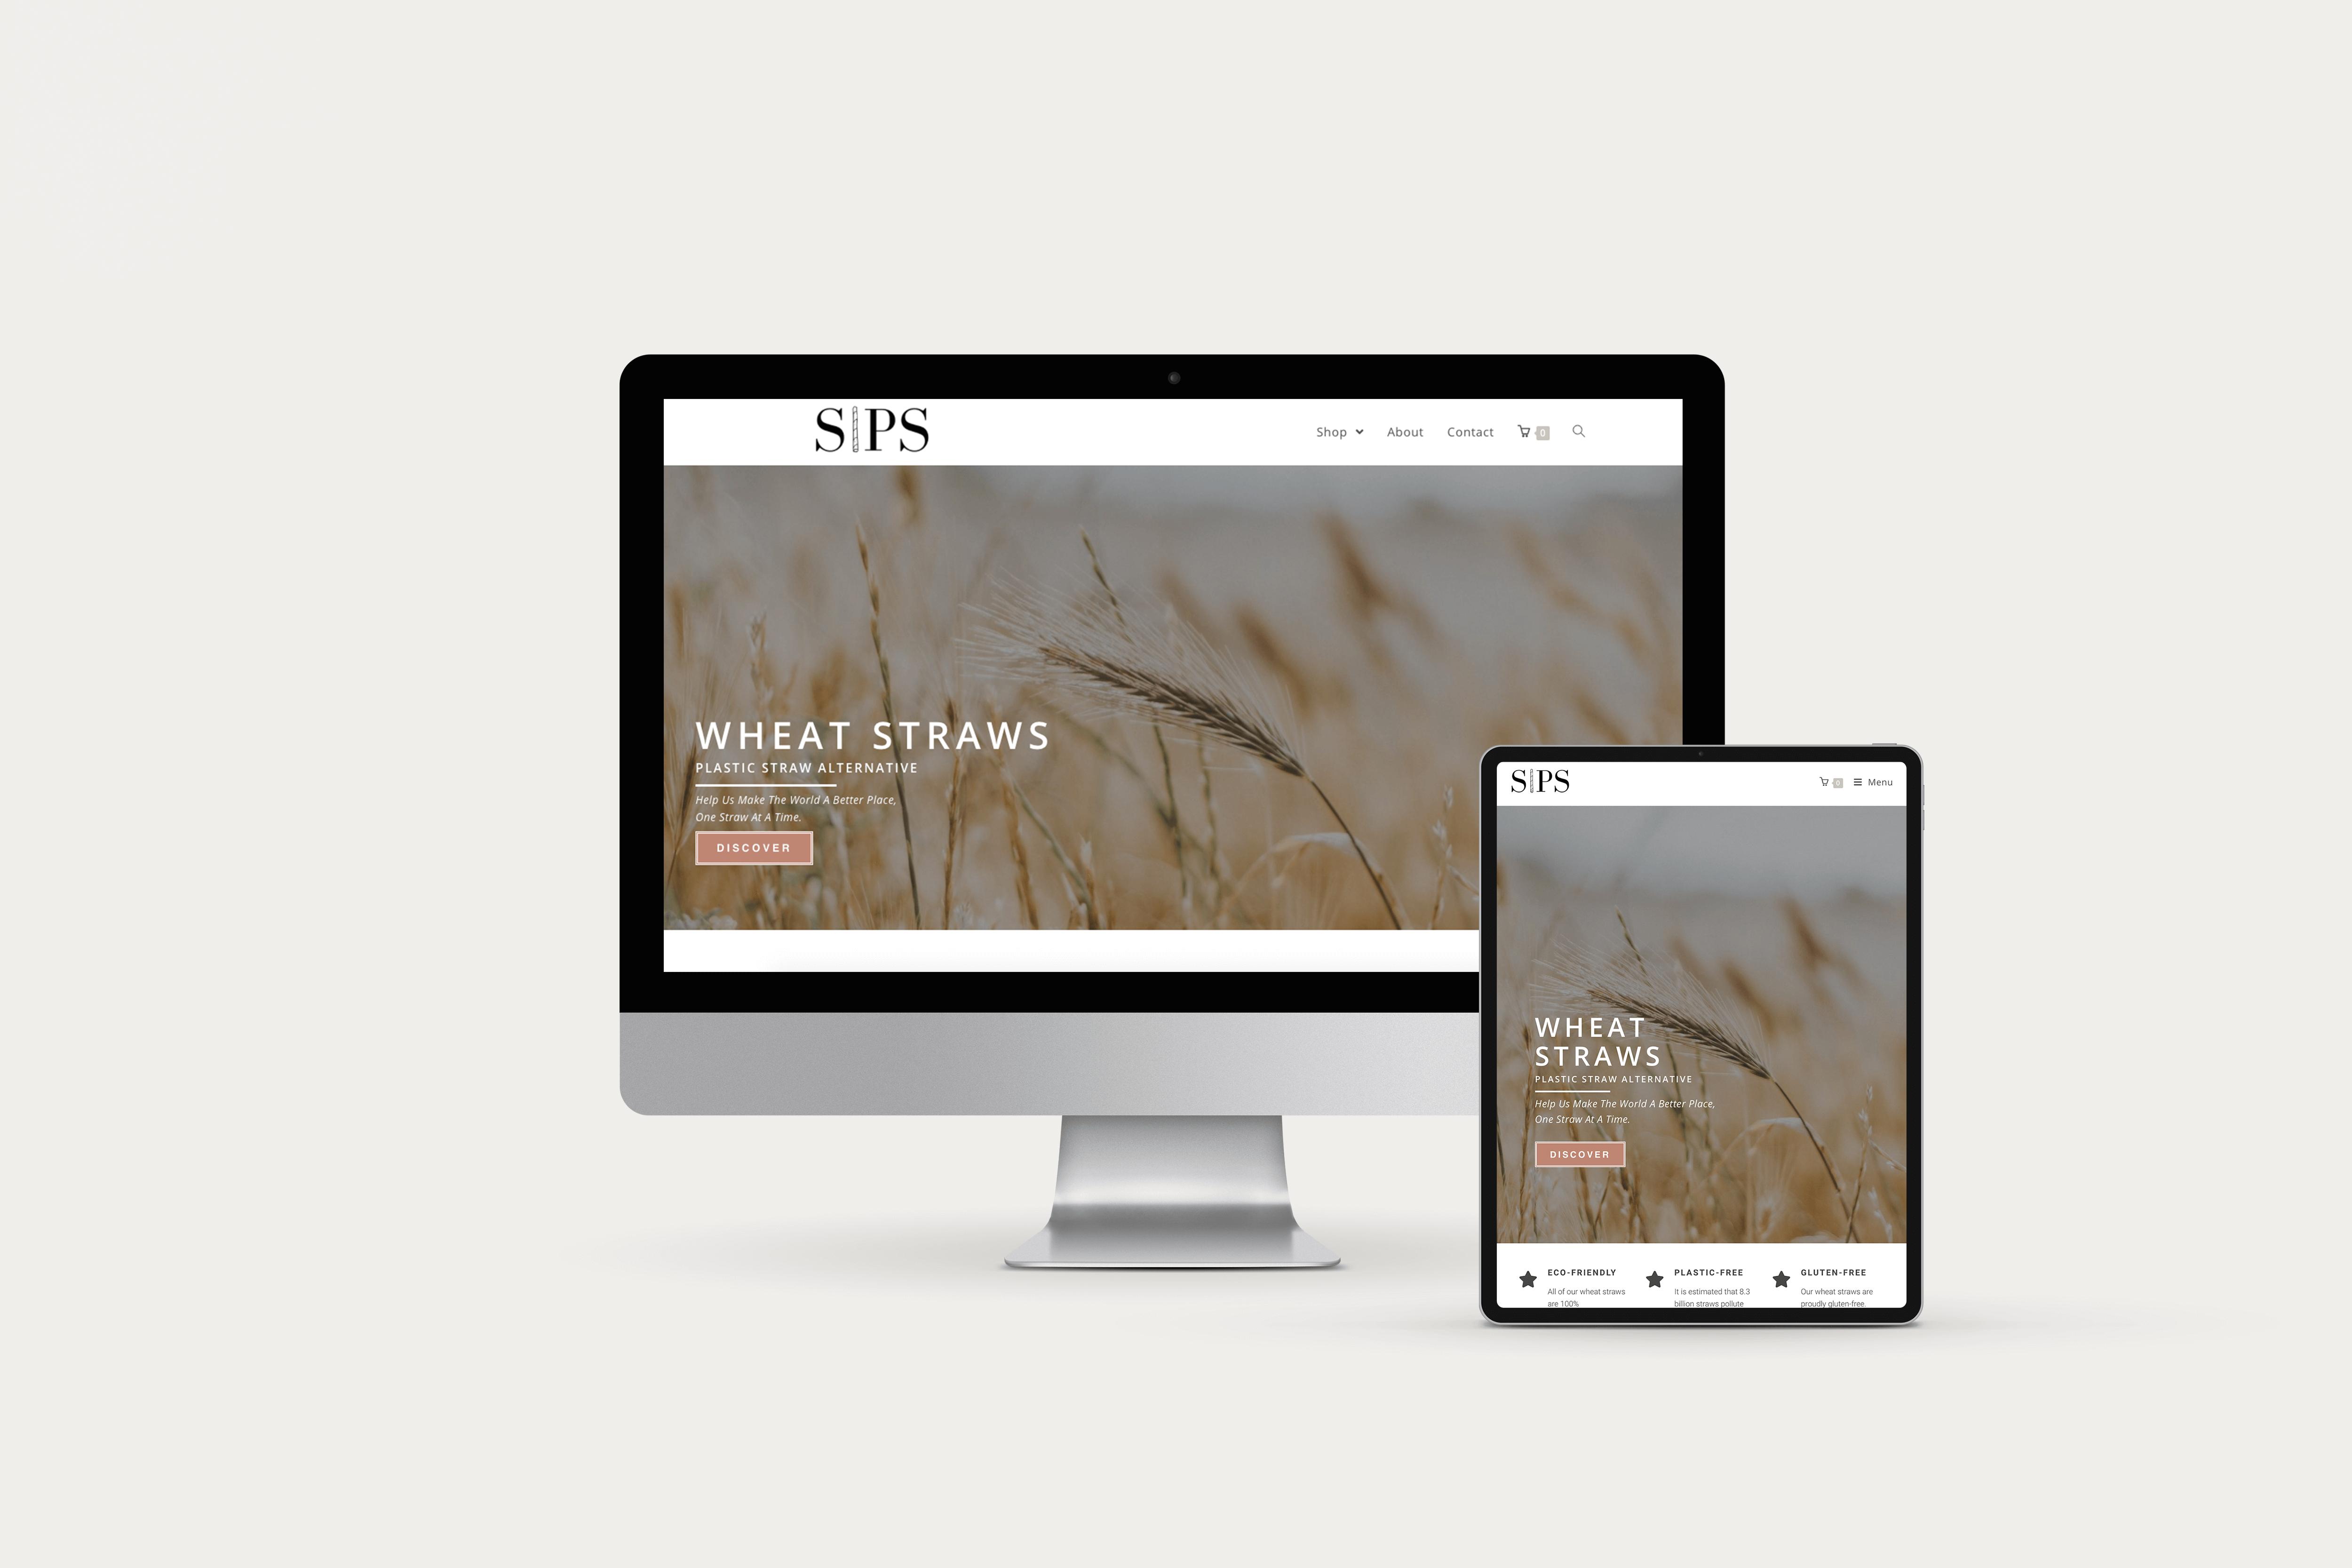 sips-straw-branding-for-website